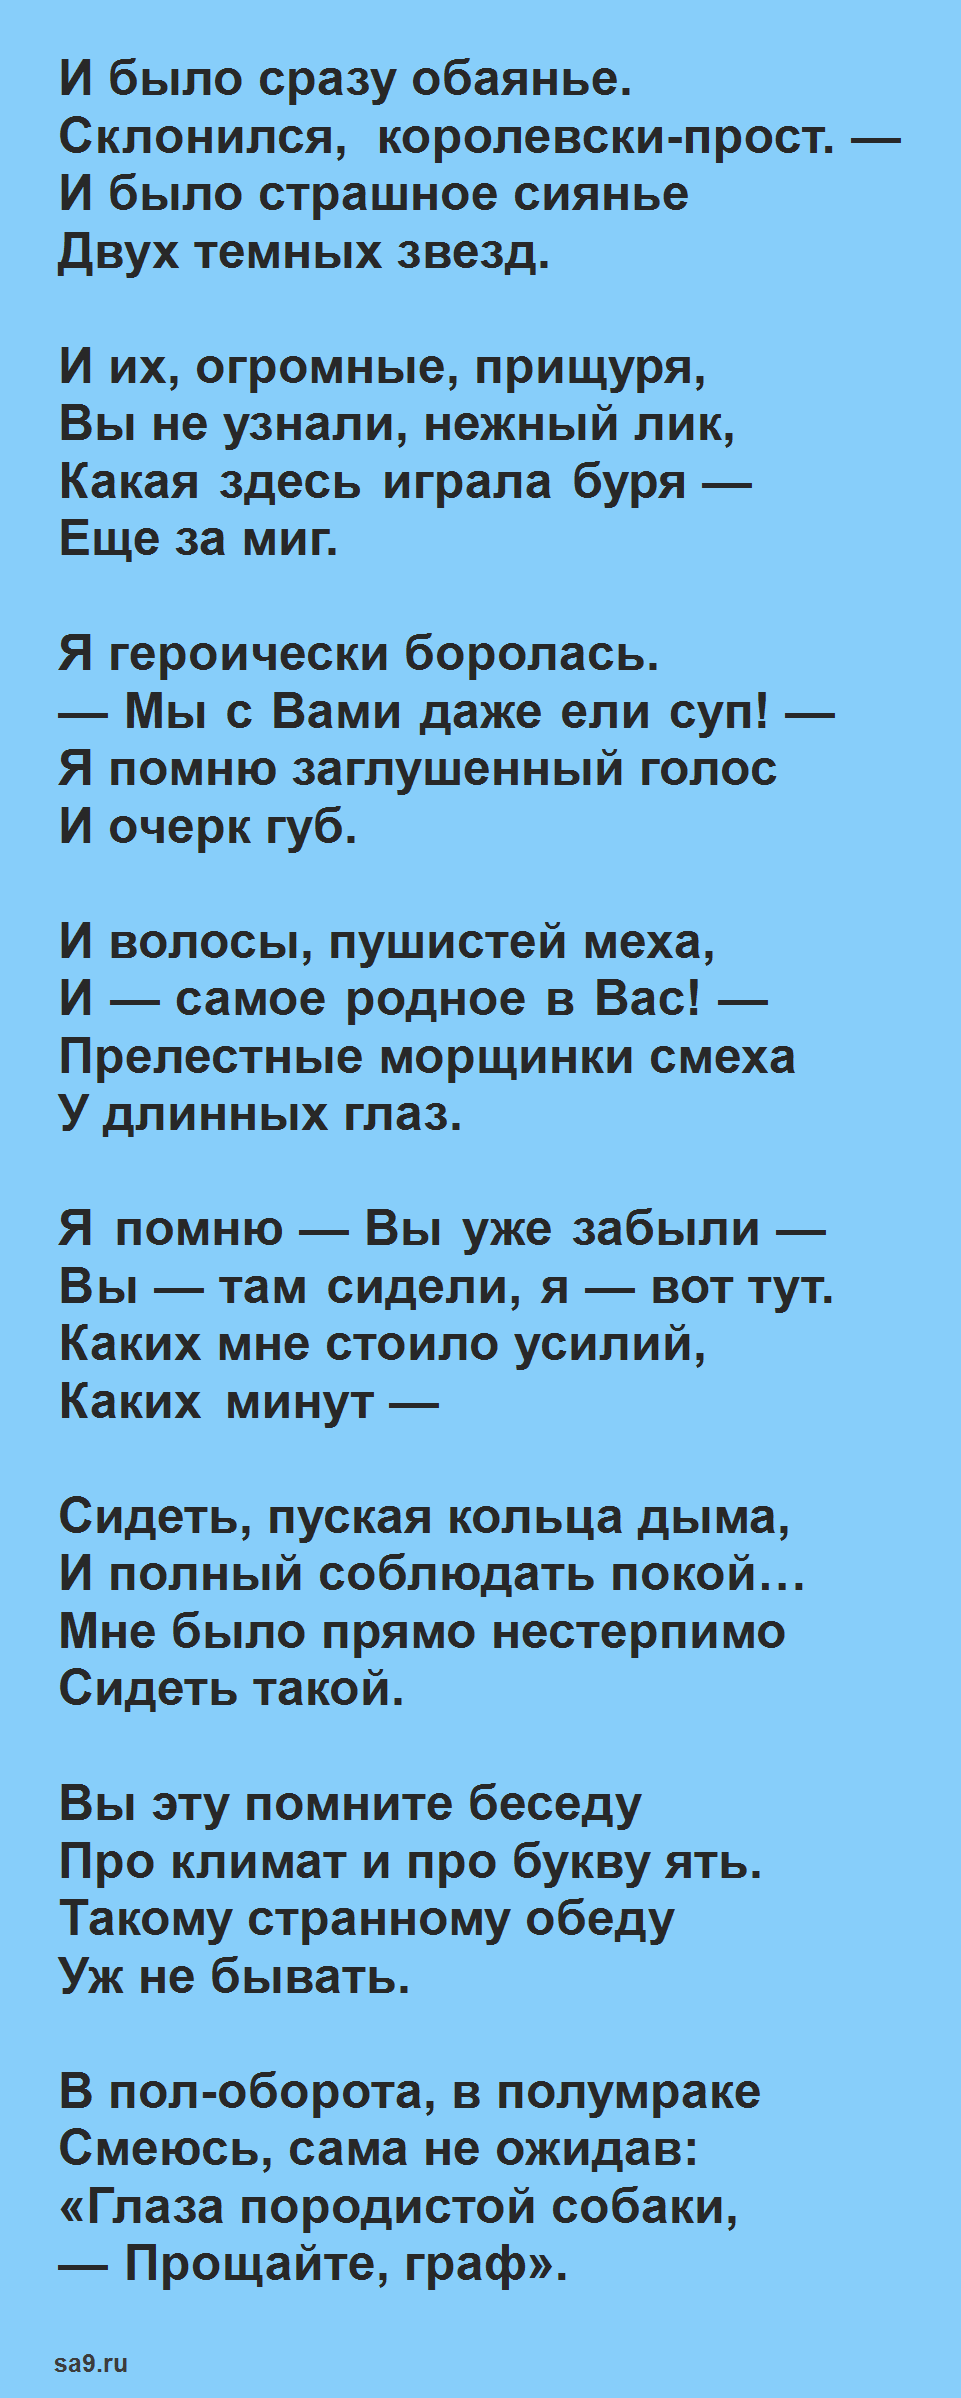 Стихи Цветаевой мужчине - И было сразу обаянье